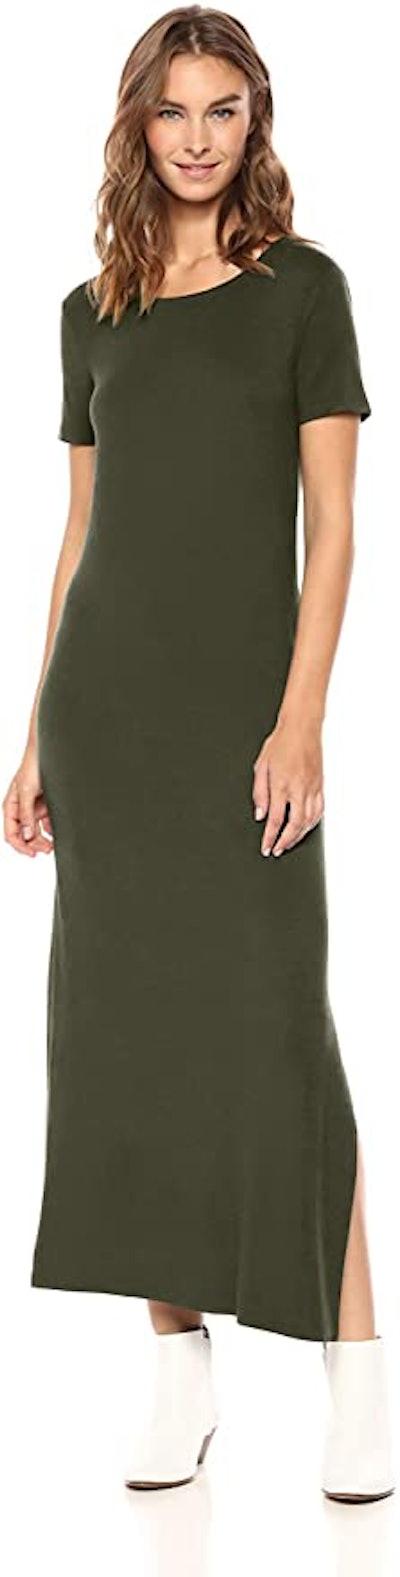 Daily Ritual Jersey Crewneck Maxi Dress